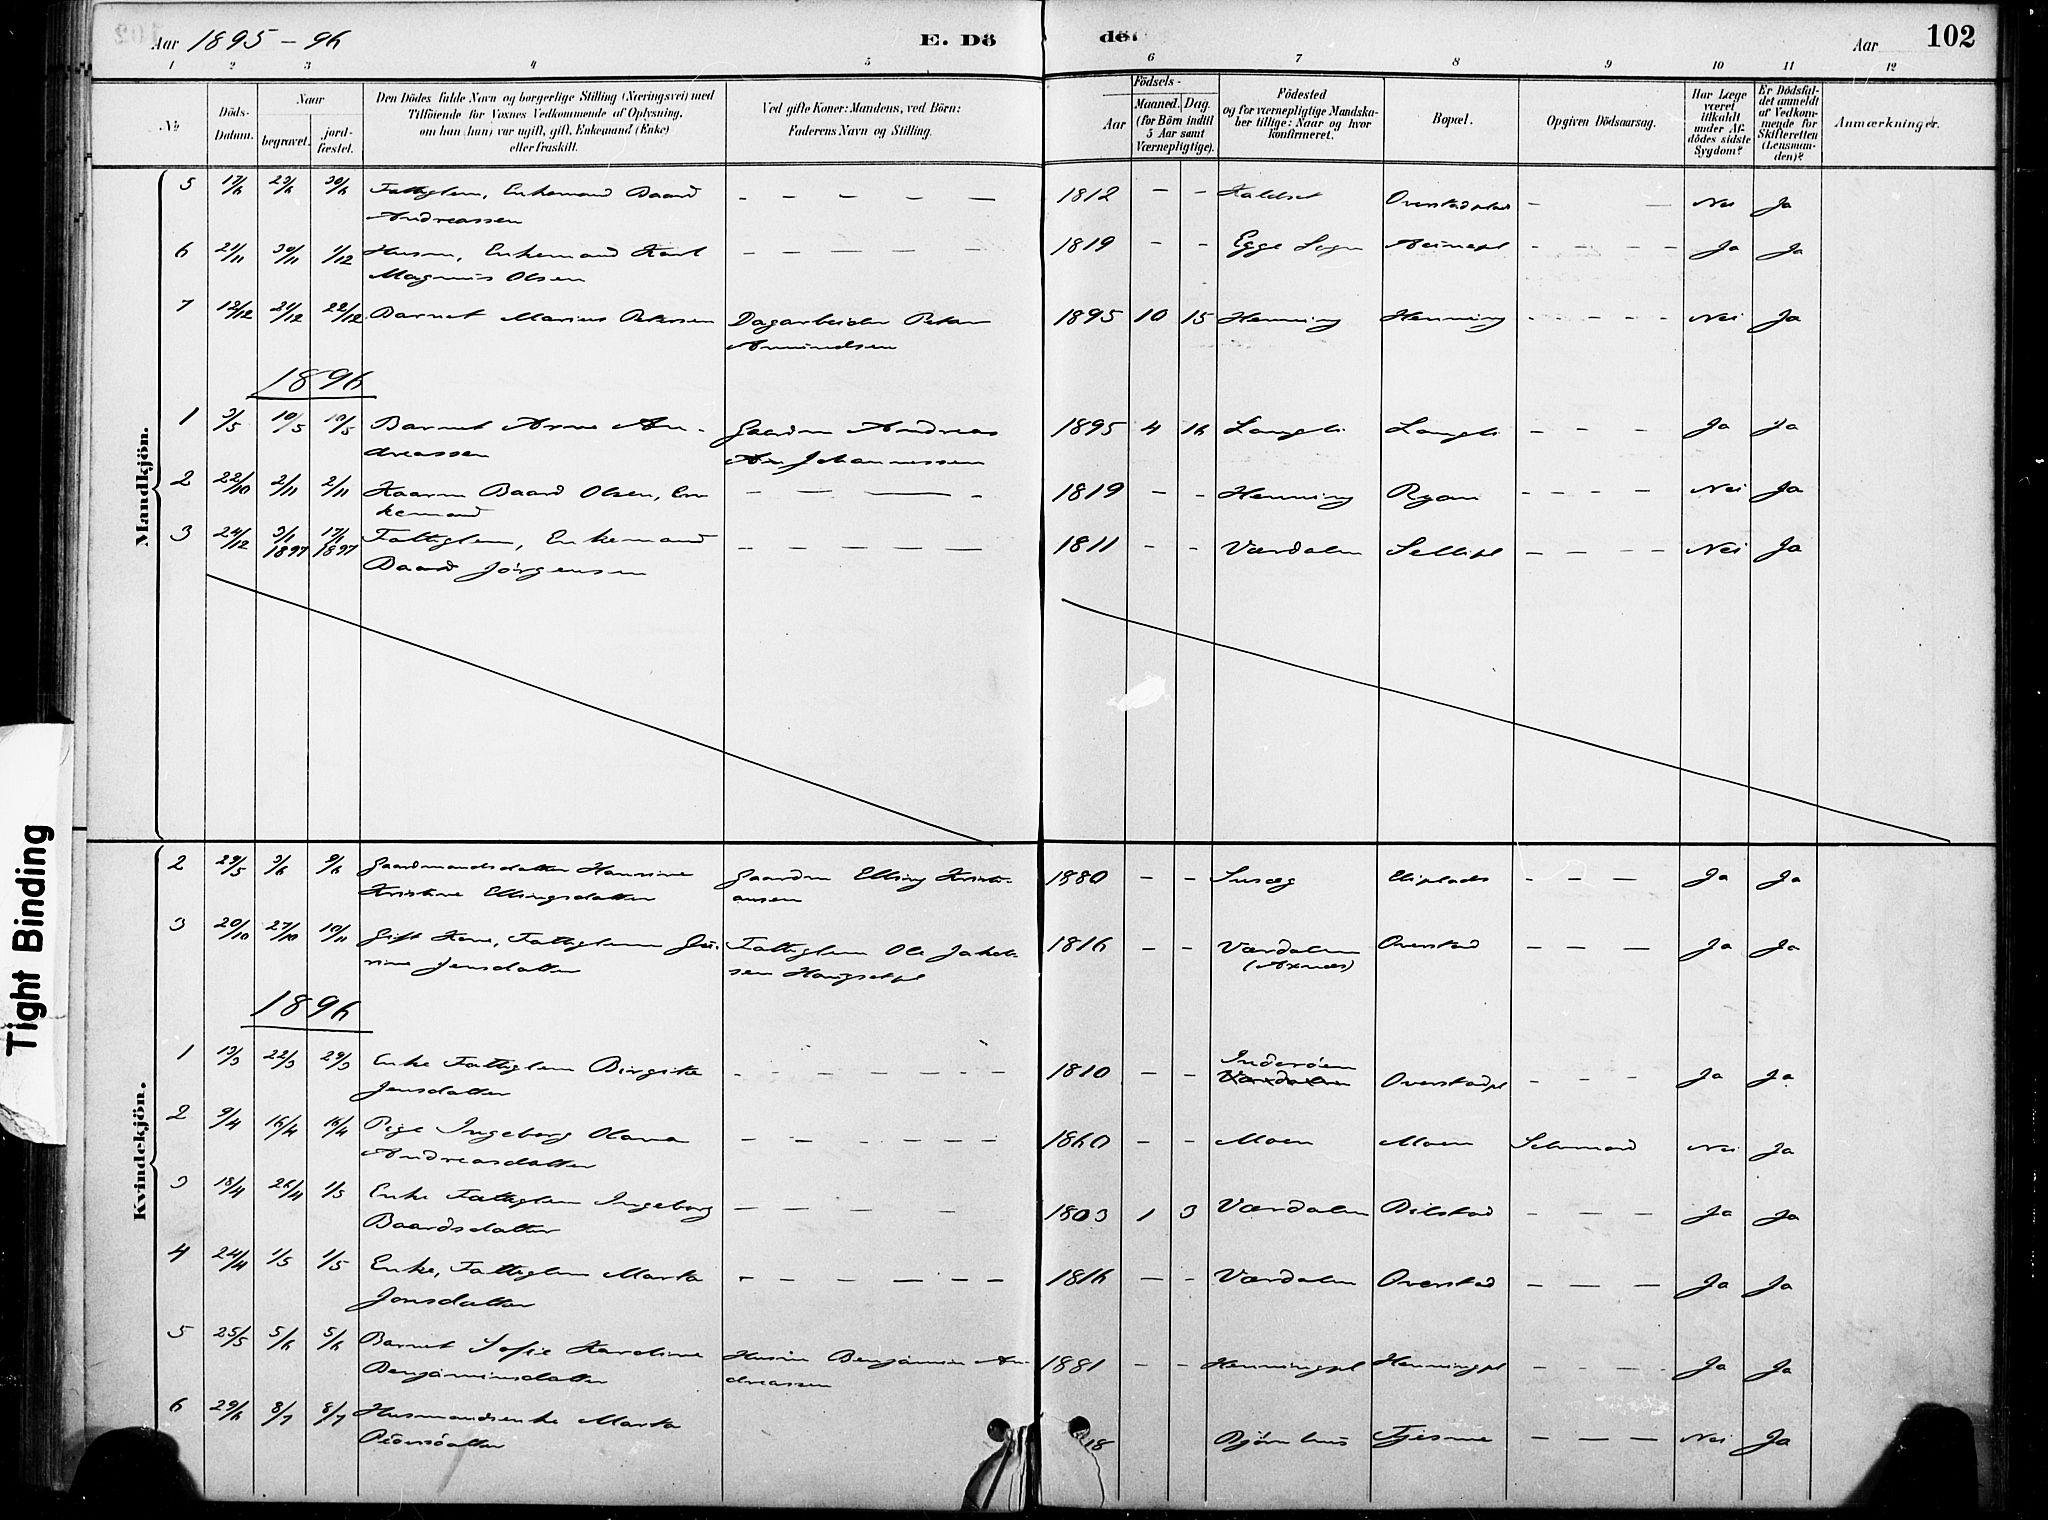 SAT, Ministerialprotokoller, klokkerbøker og fødselsregistre - Nord-Trøndelag, 738/L0364: Ministerialbok nr. 738A01, 1884-1902, s. 102